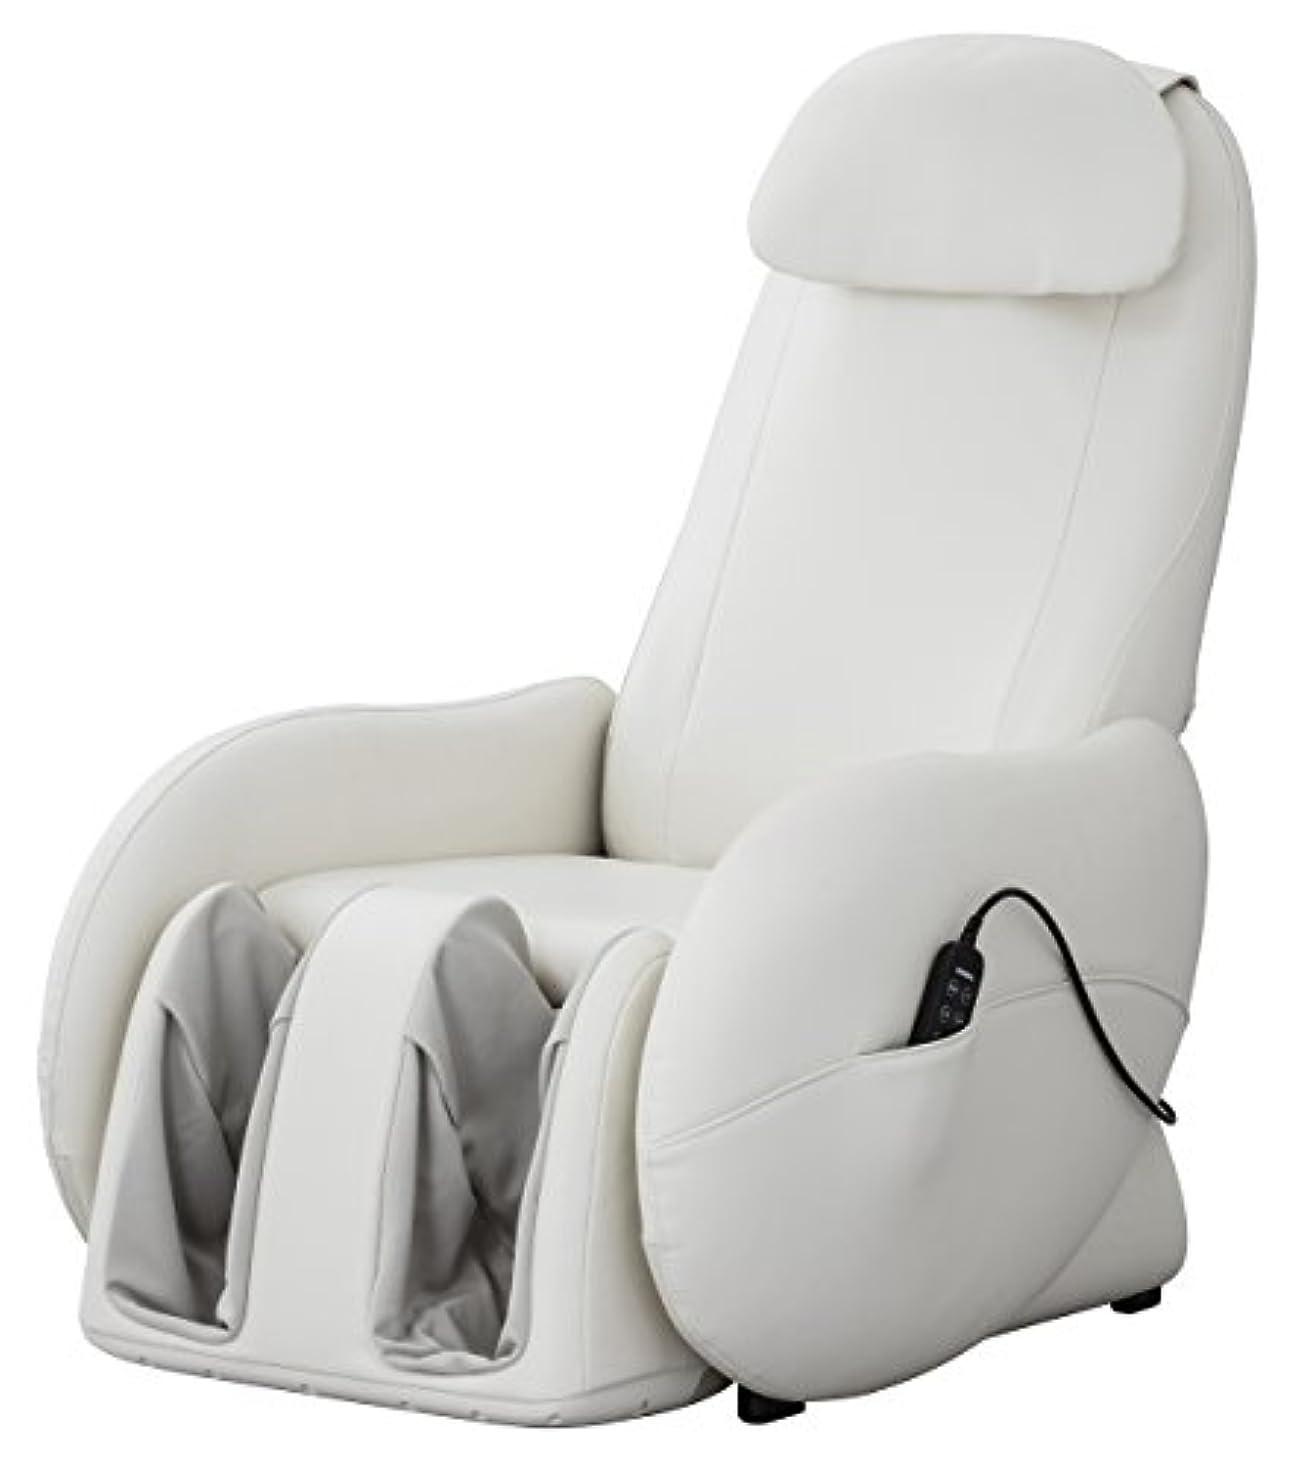 啓示ビリー議論するスライヴ くつろぎ指定席Light マッサージチェア CHD-3700WH ホワイト 正規品 おしゃれ コンパクト 小型